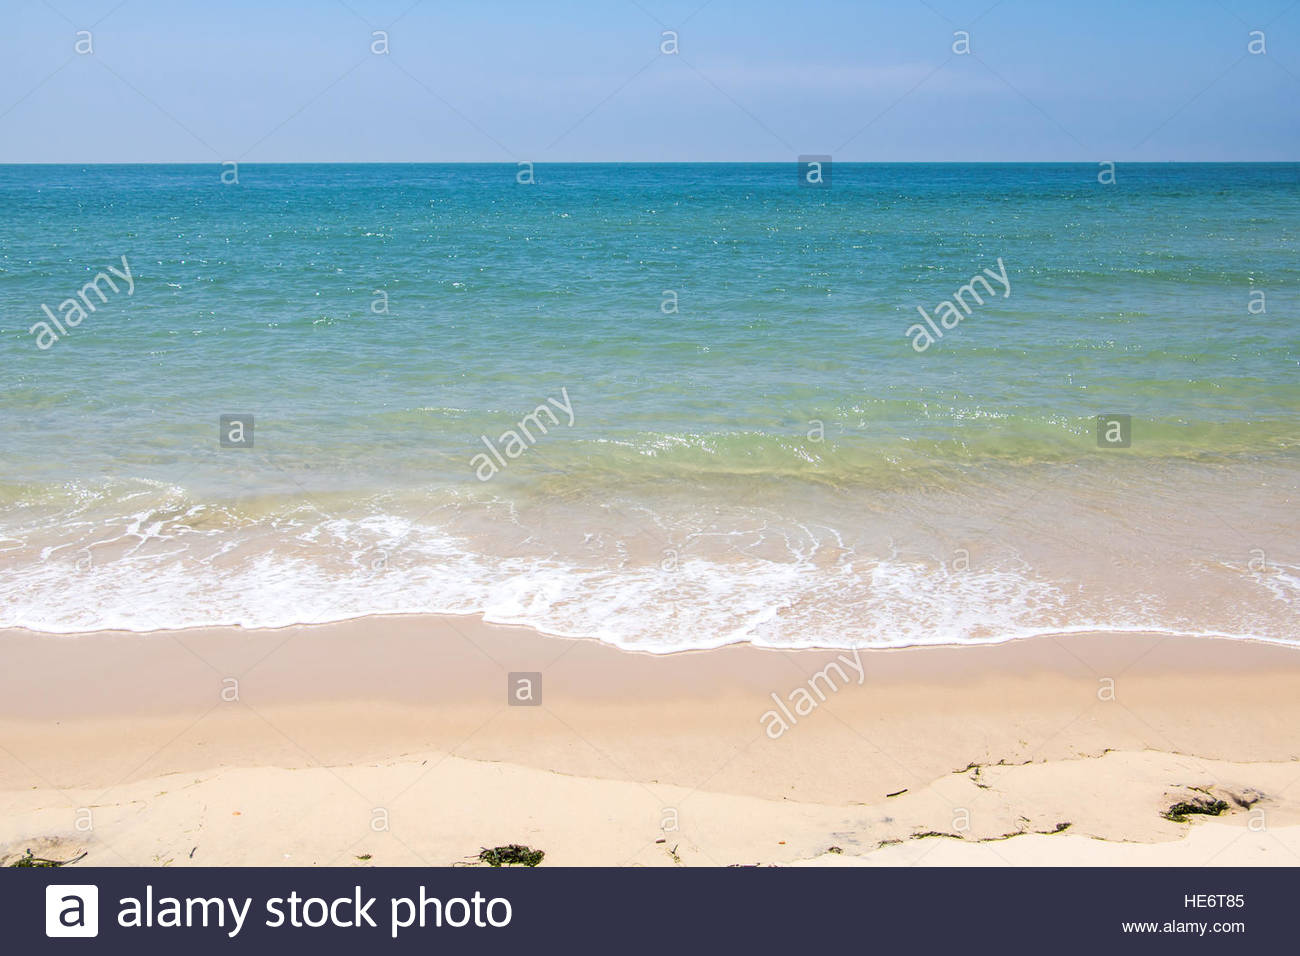 Trendige Sommer-Urlaubsziel, französische mediterrane Sandy beach schöne Natur Landschaft Strand Urlaub Stockbild